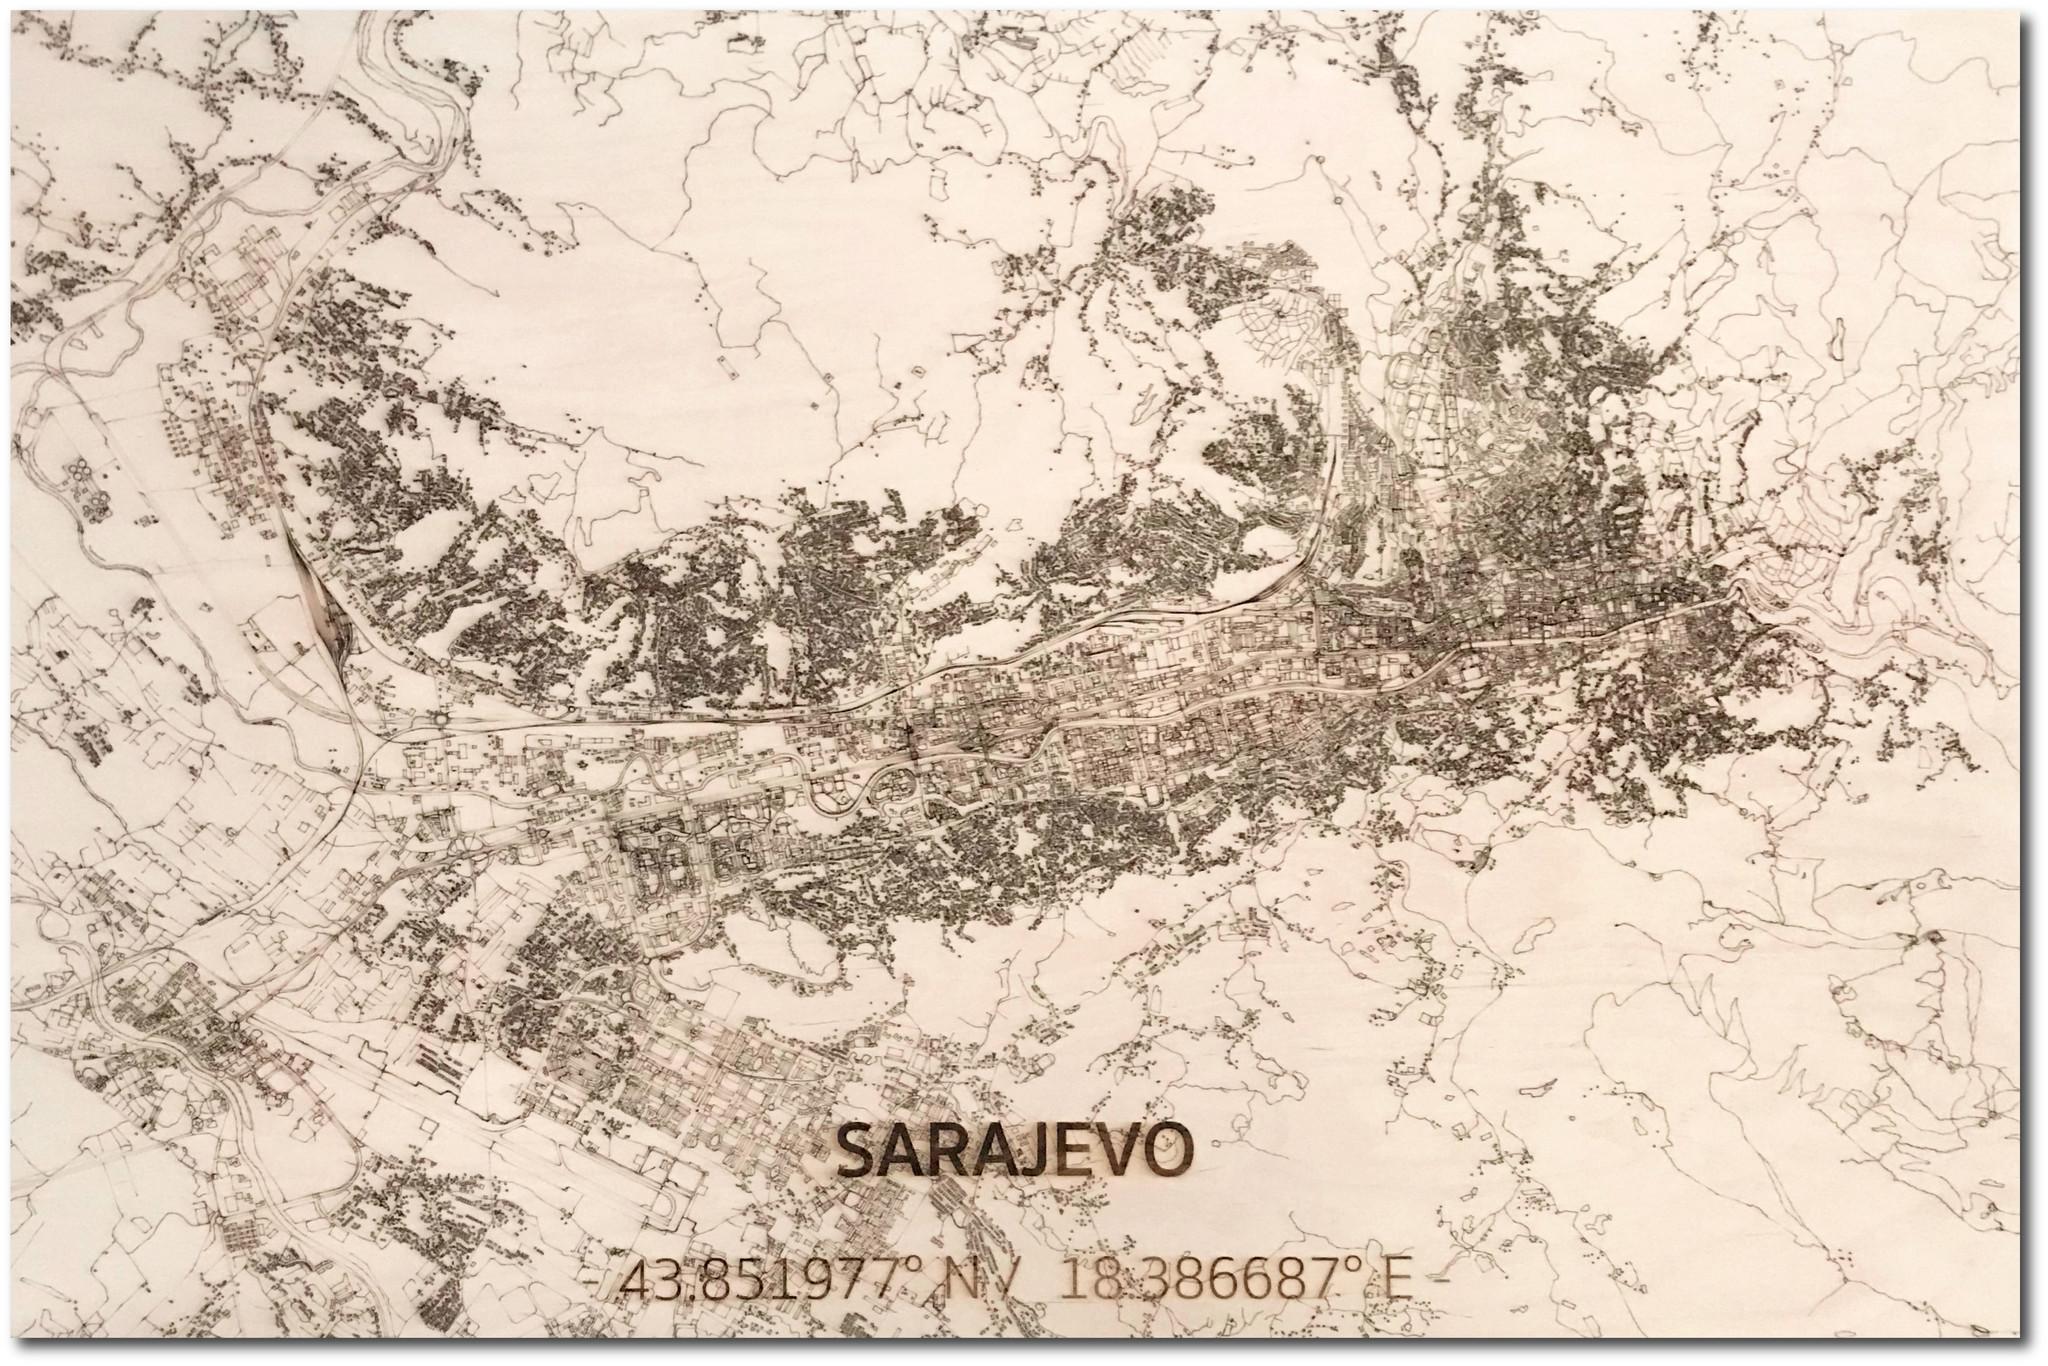 Wanddekoration aus Holz Wandbild Sarajevo XL Stadtplan-1